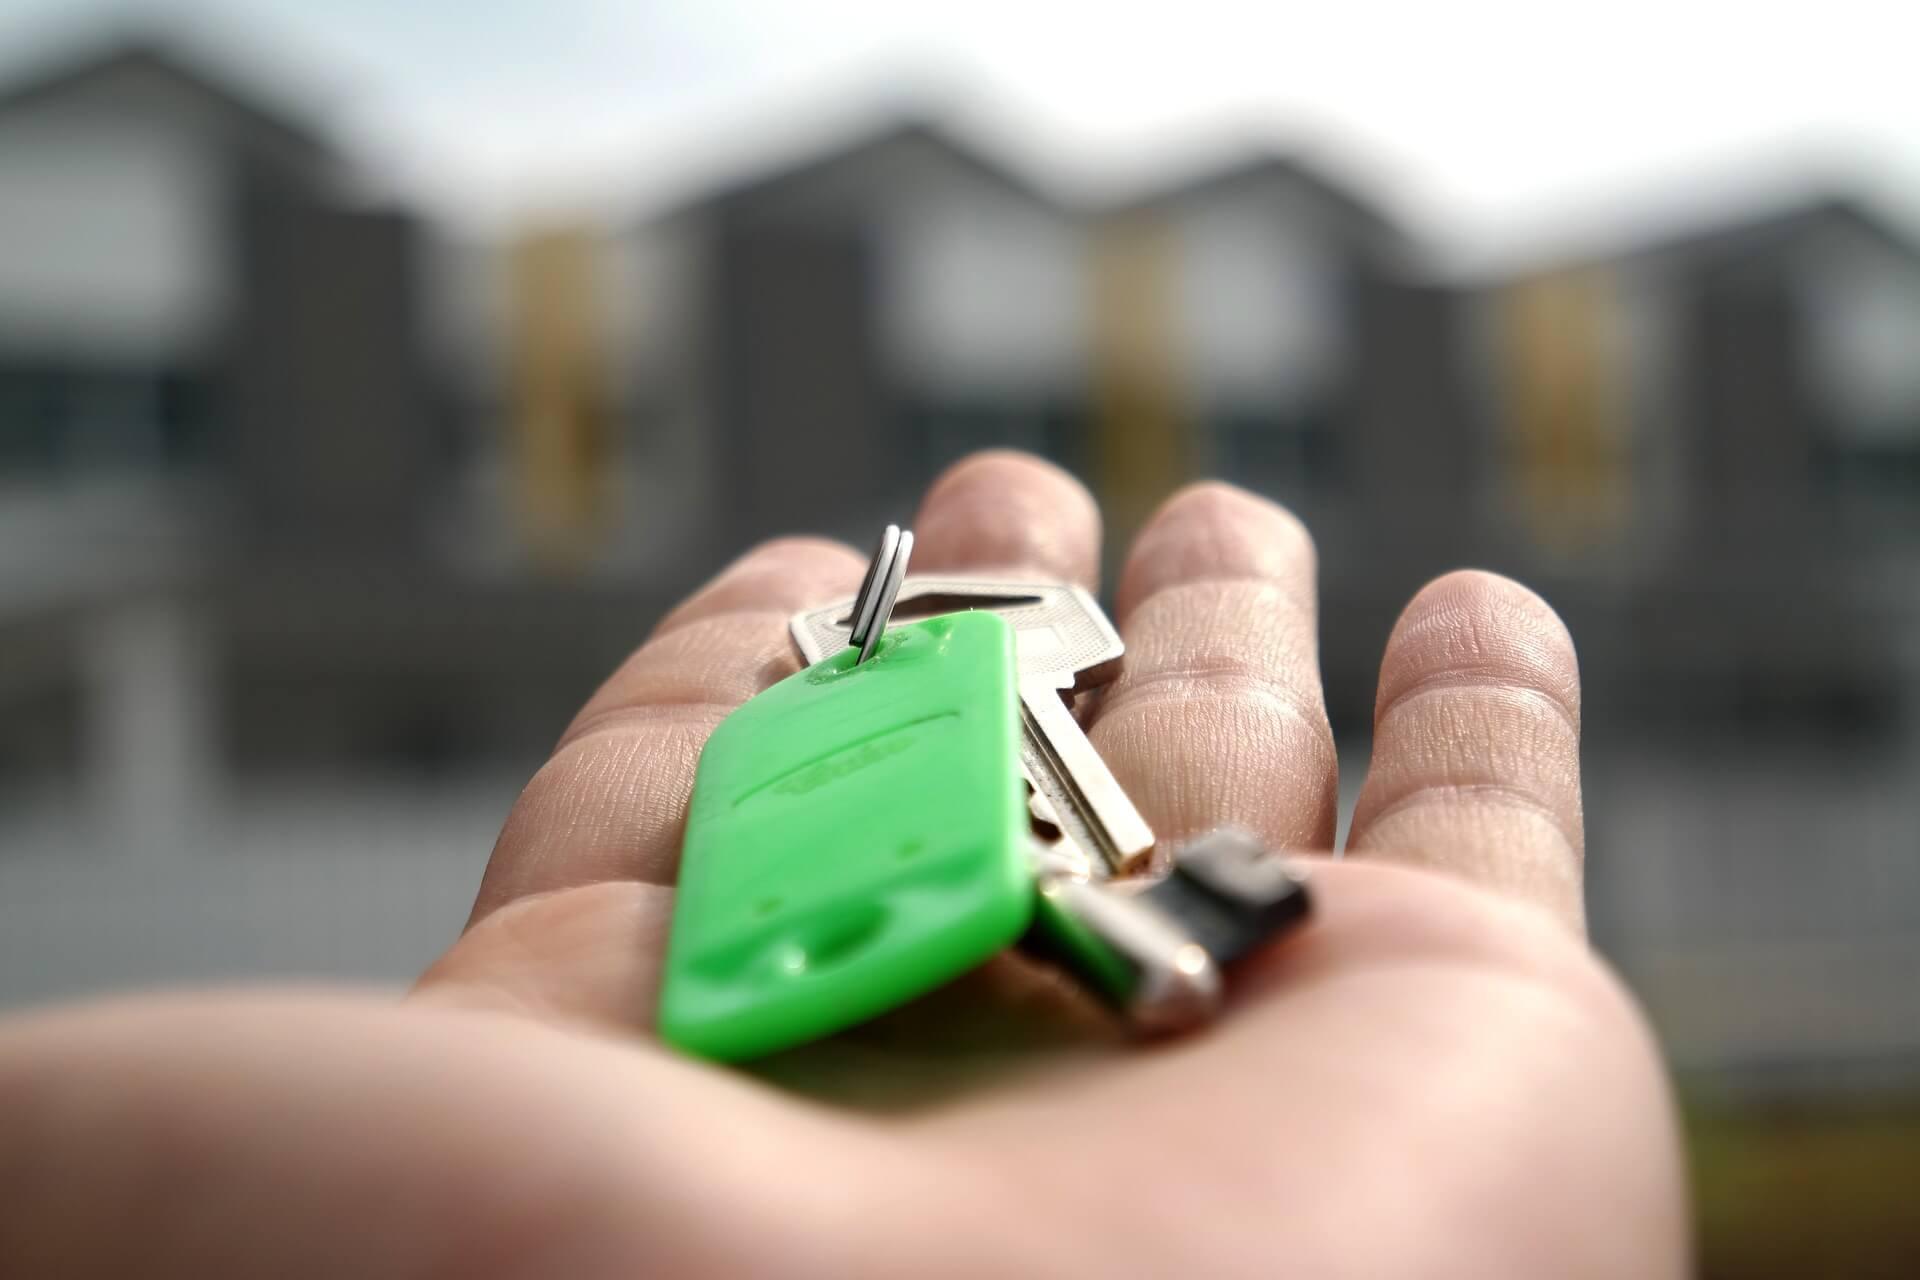 Angehörigen-Mietvertrag: Keine hälftige Vermietung der gemeinsamen Wohnung